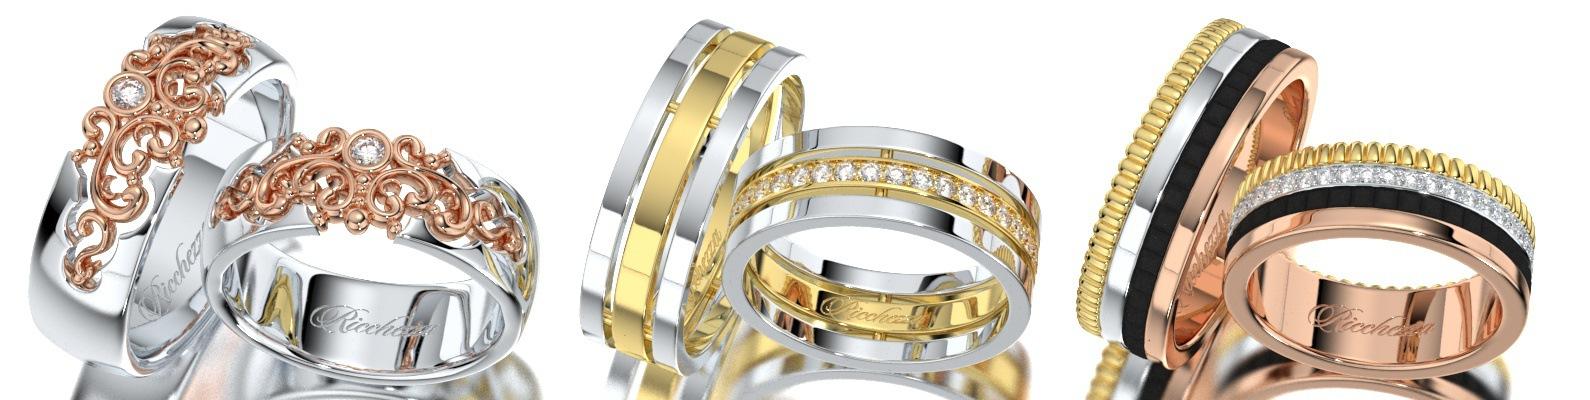 Обручальные кольца Ricchezza   ВКонтакте 8467ad34f65